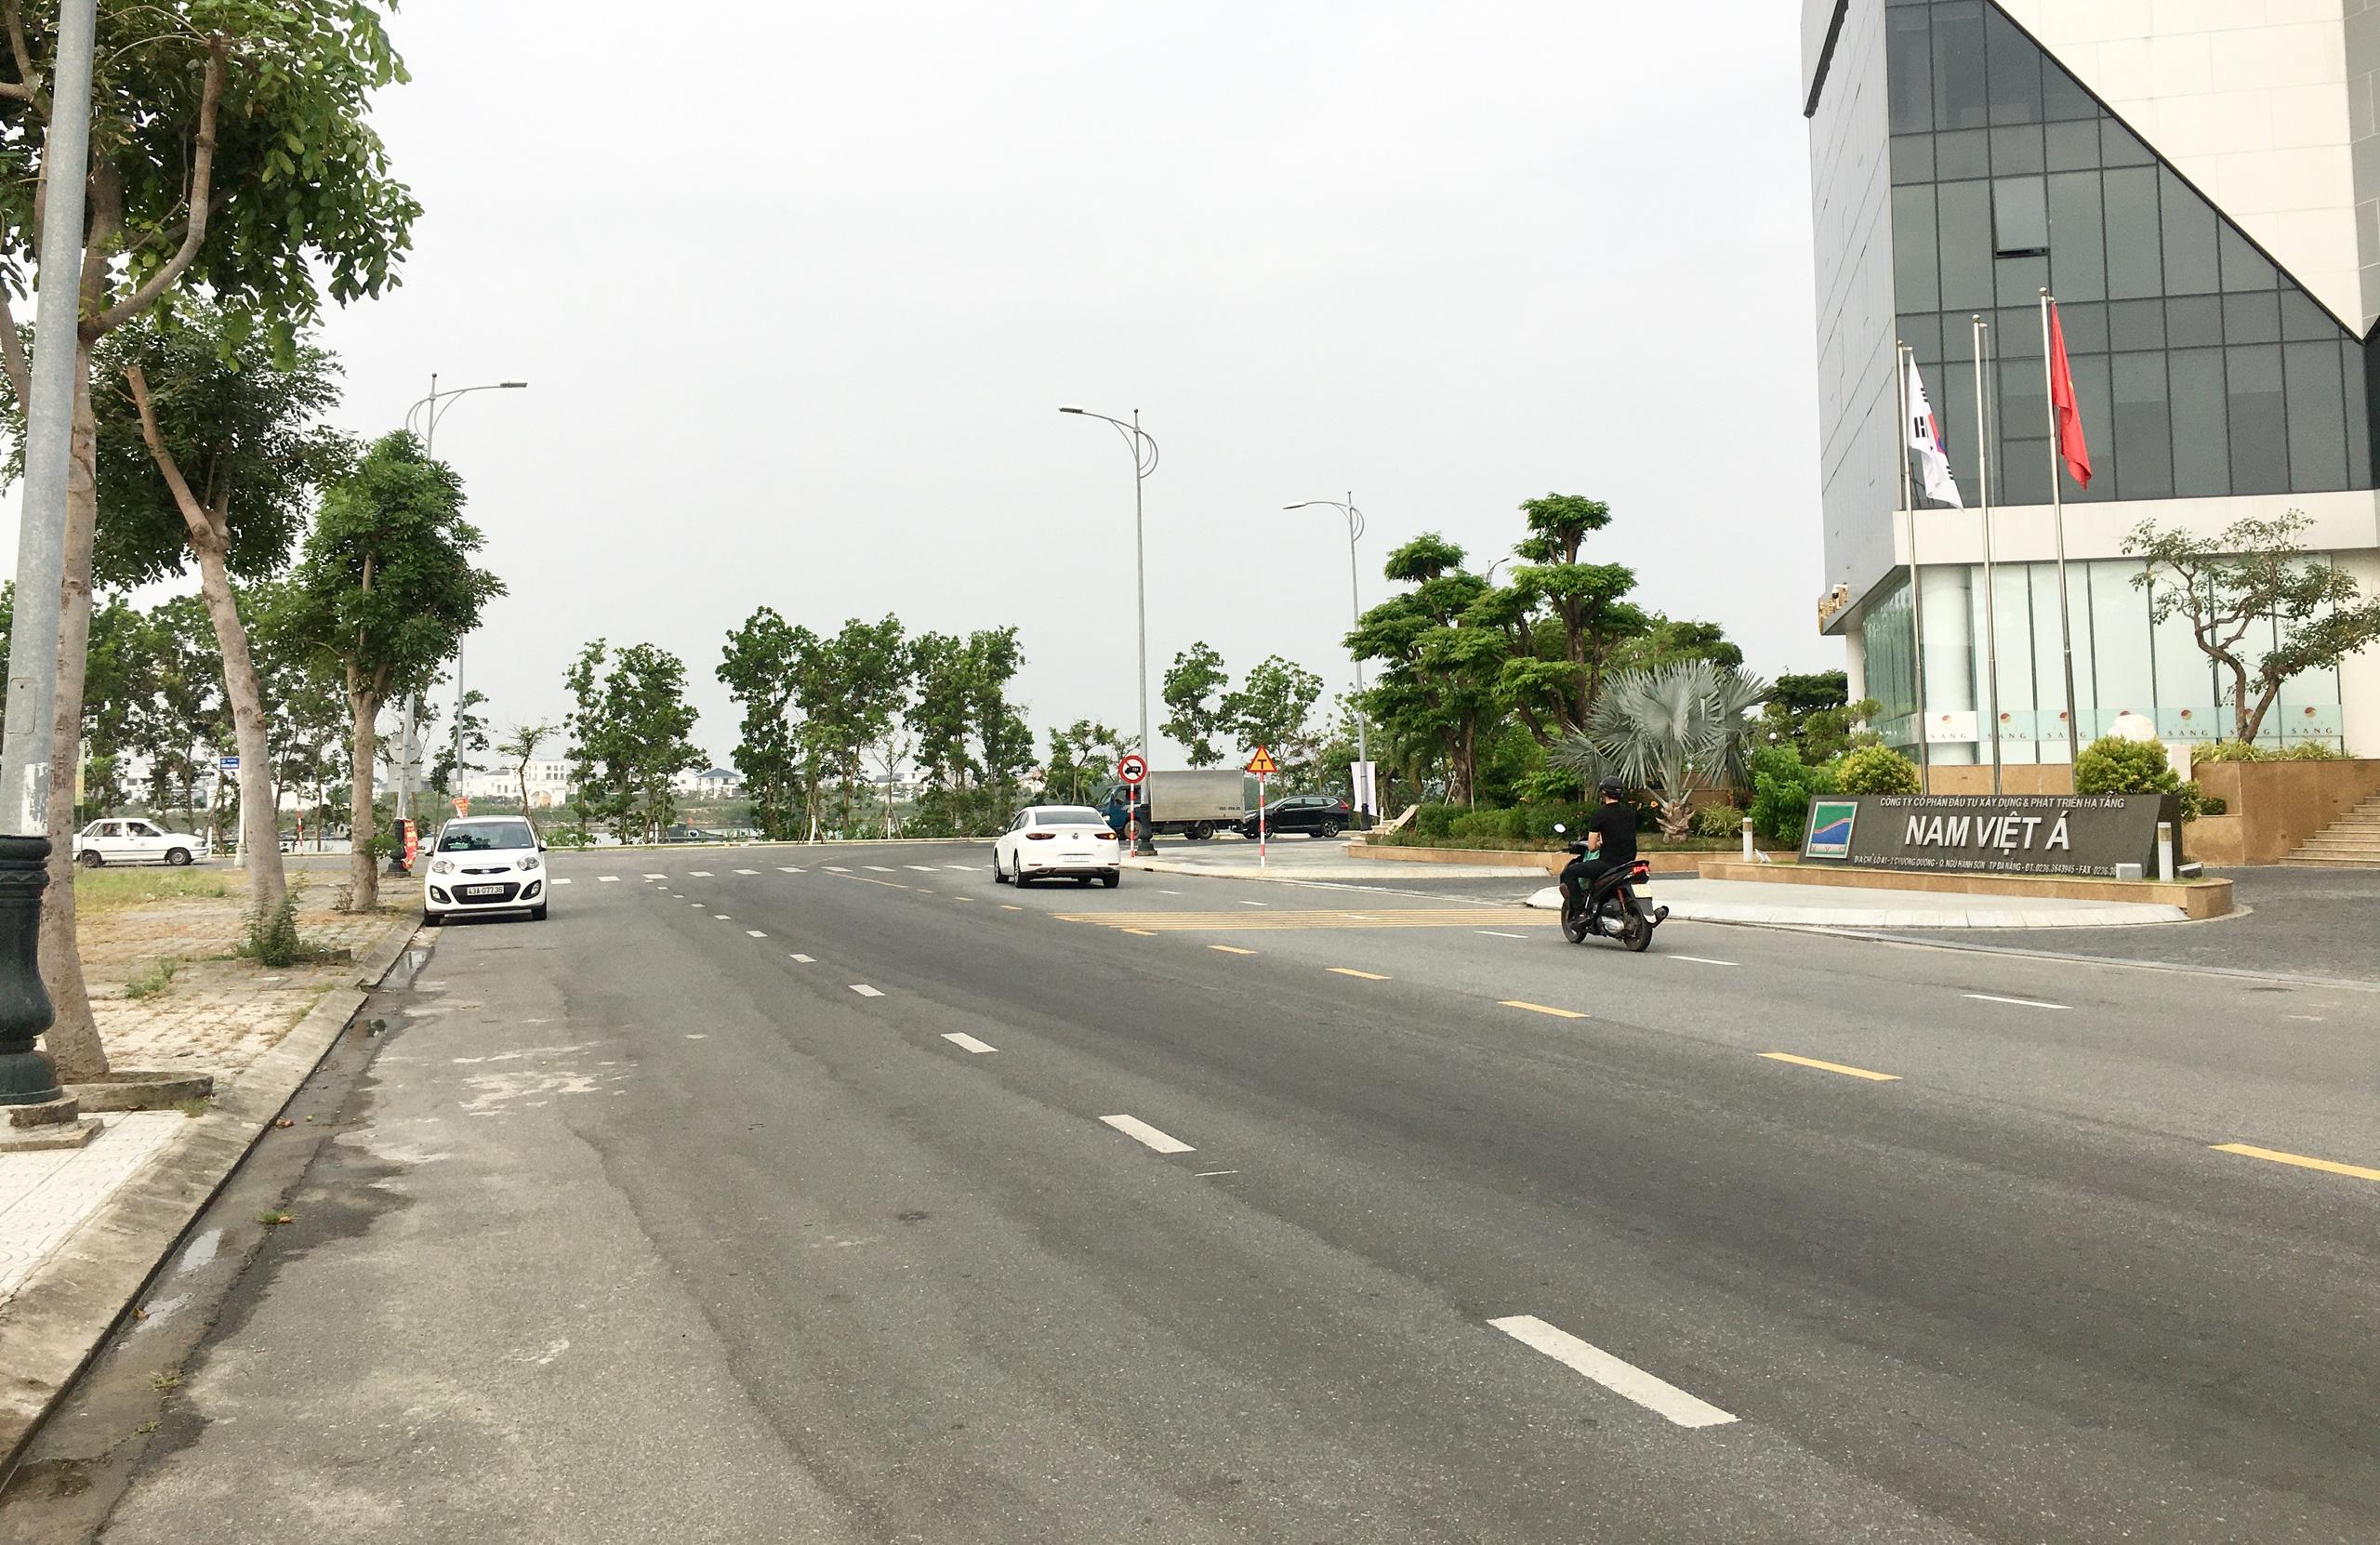 Hạ tầng ven sông Hàn Đà Nẵng hiện tại và trong tương lai - Ảnh 13.